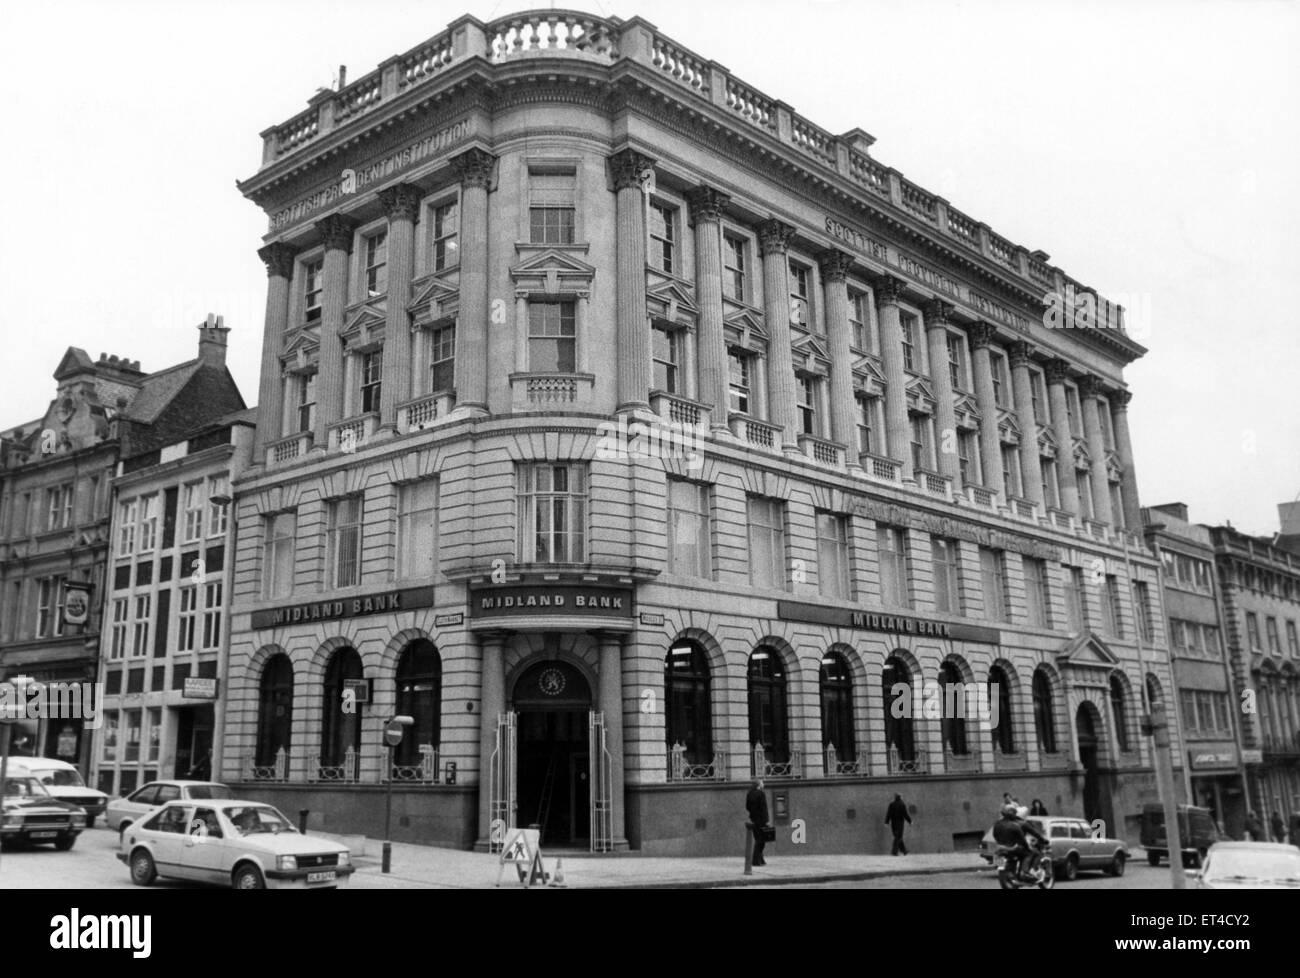 El Midland Bank, Newcastle. 20 de febrero de 1983. Imagen De Stock